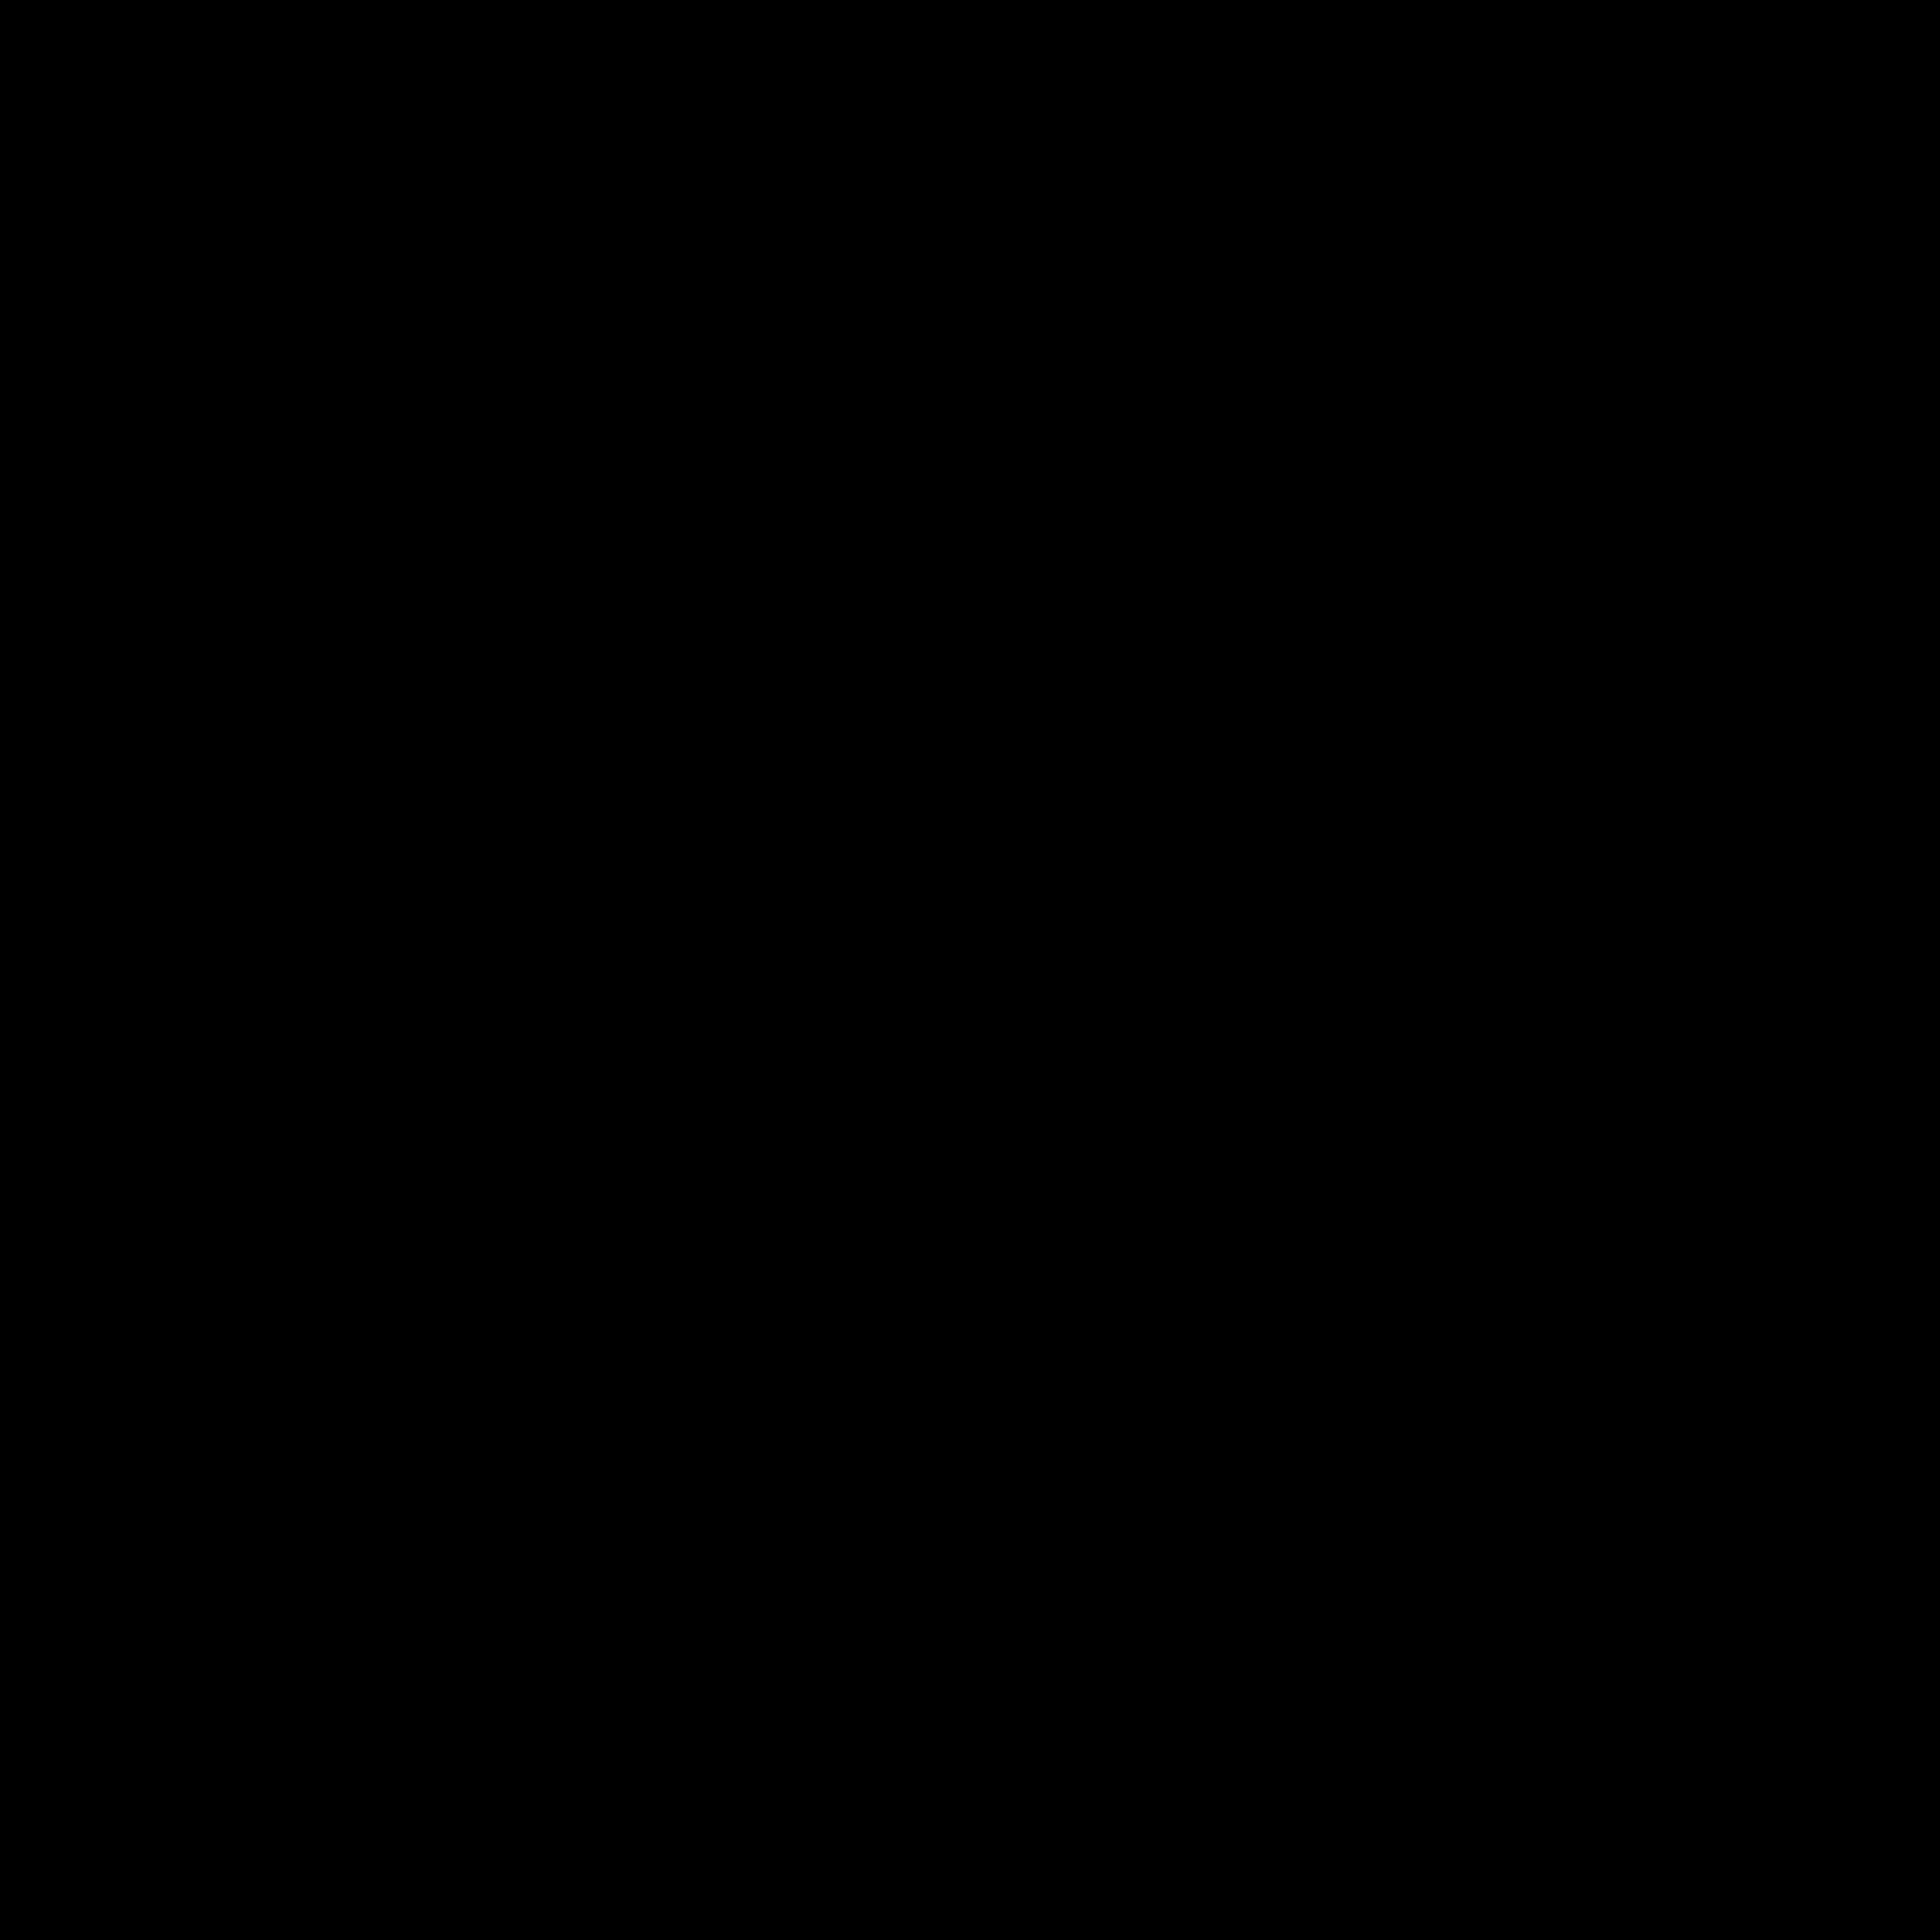 Revlon – Logos Download